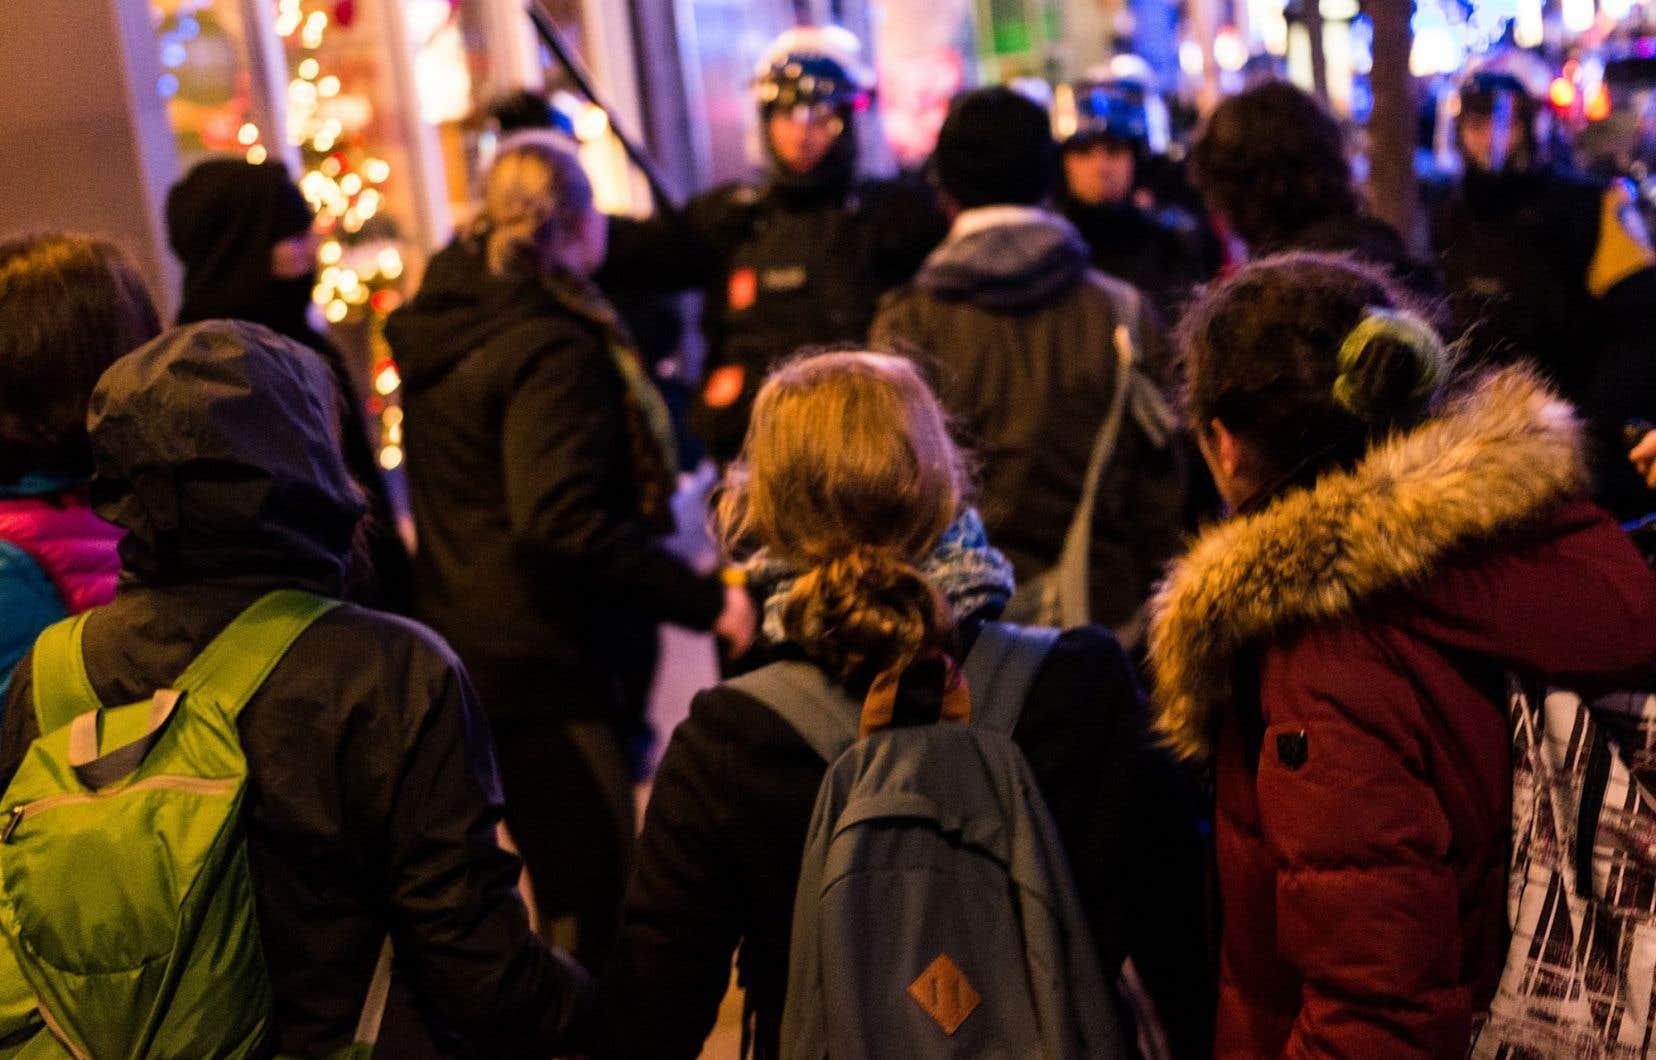 Des agents en civil, en plus de l'anti-émeute, ont été déployés lors de la manifestation anti-austérité organisée vendredi soir au centre-ville de Montréal.